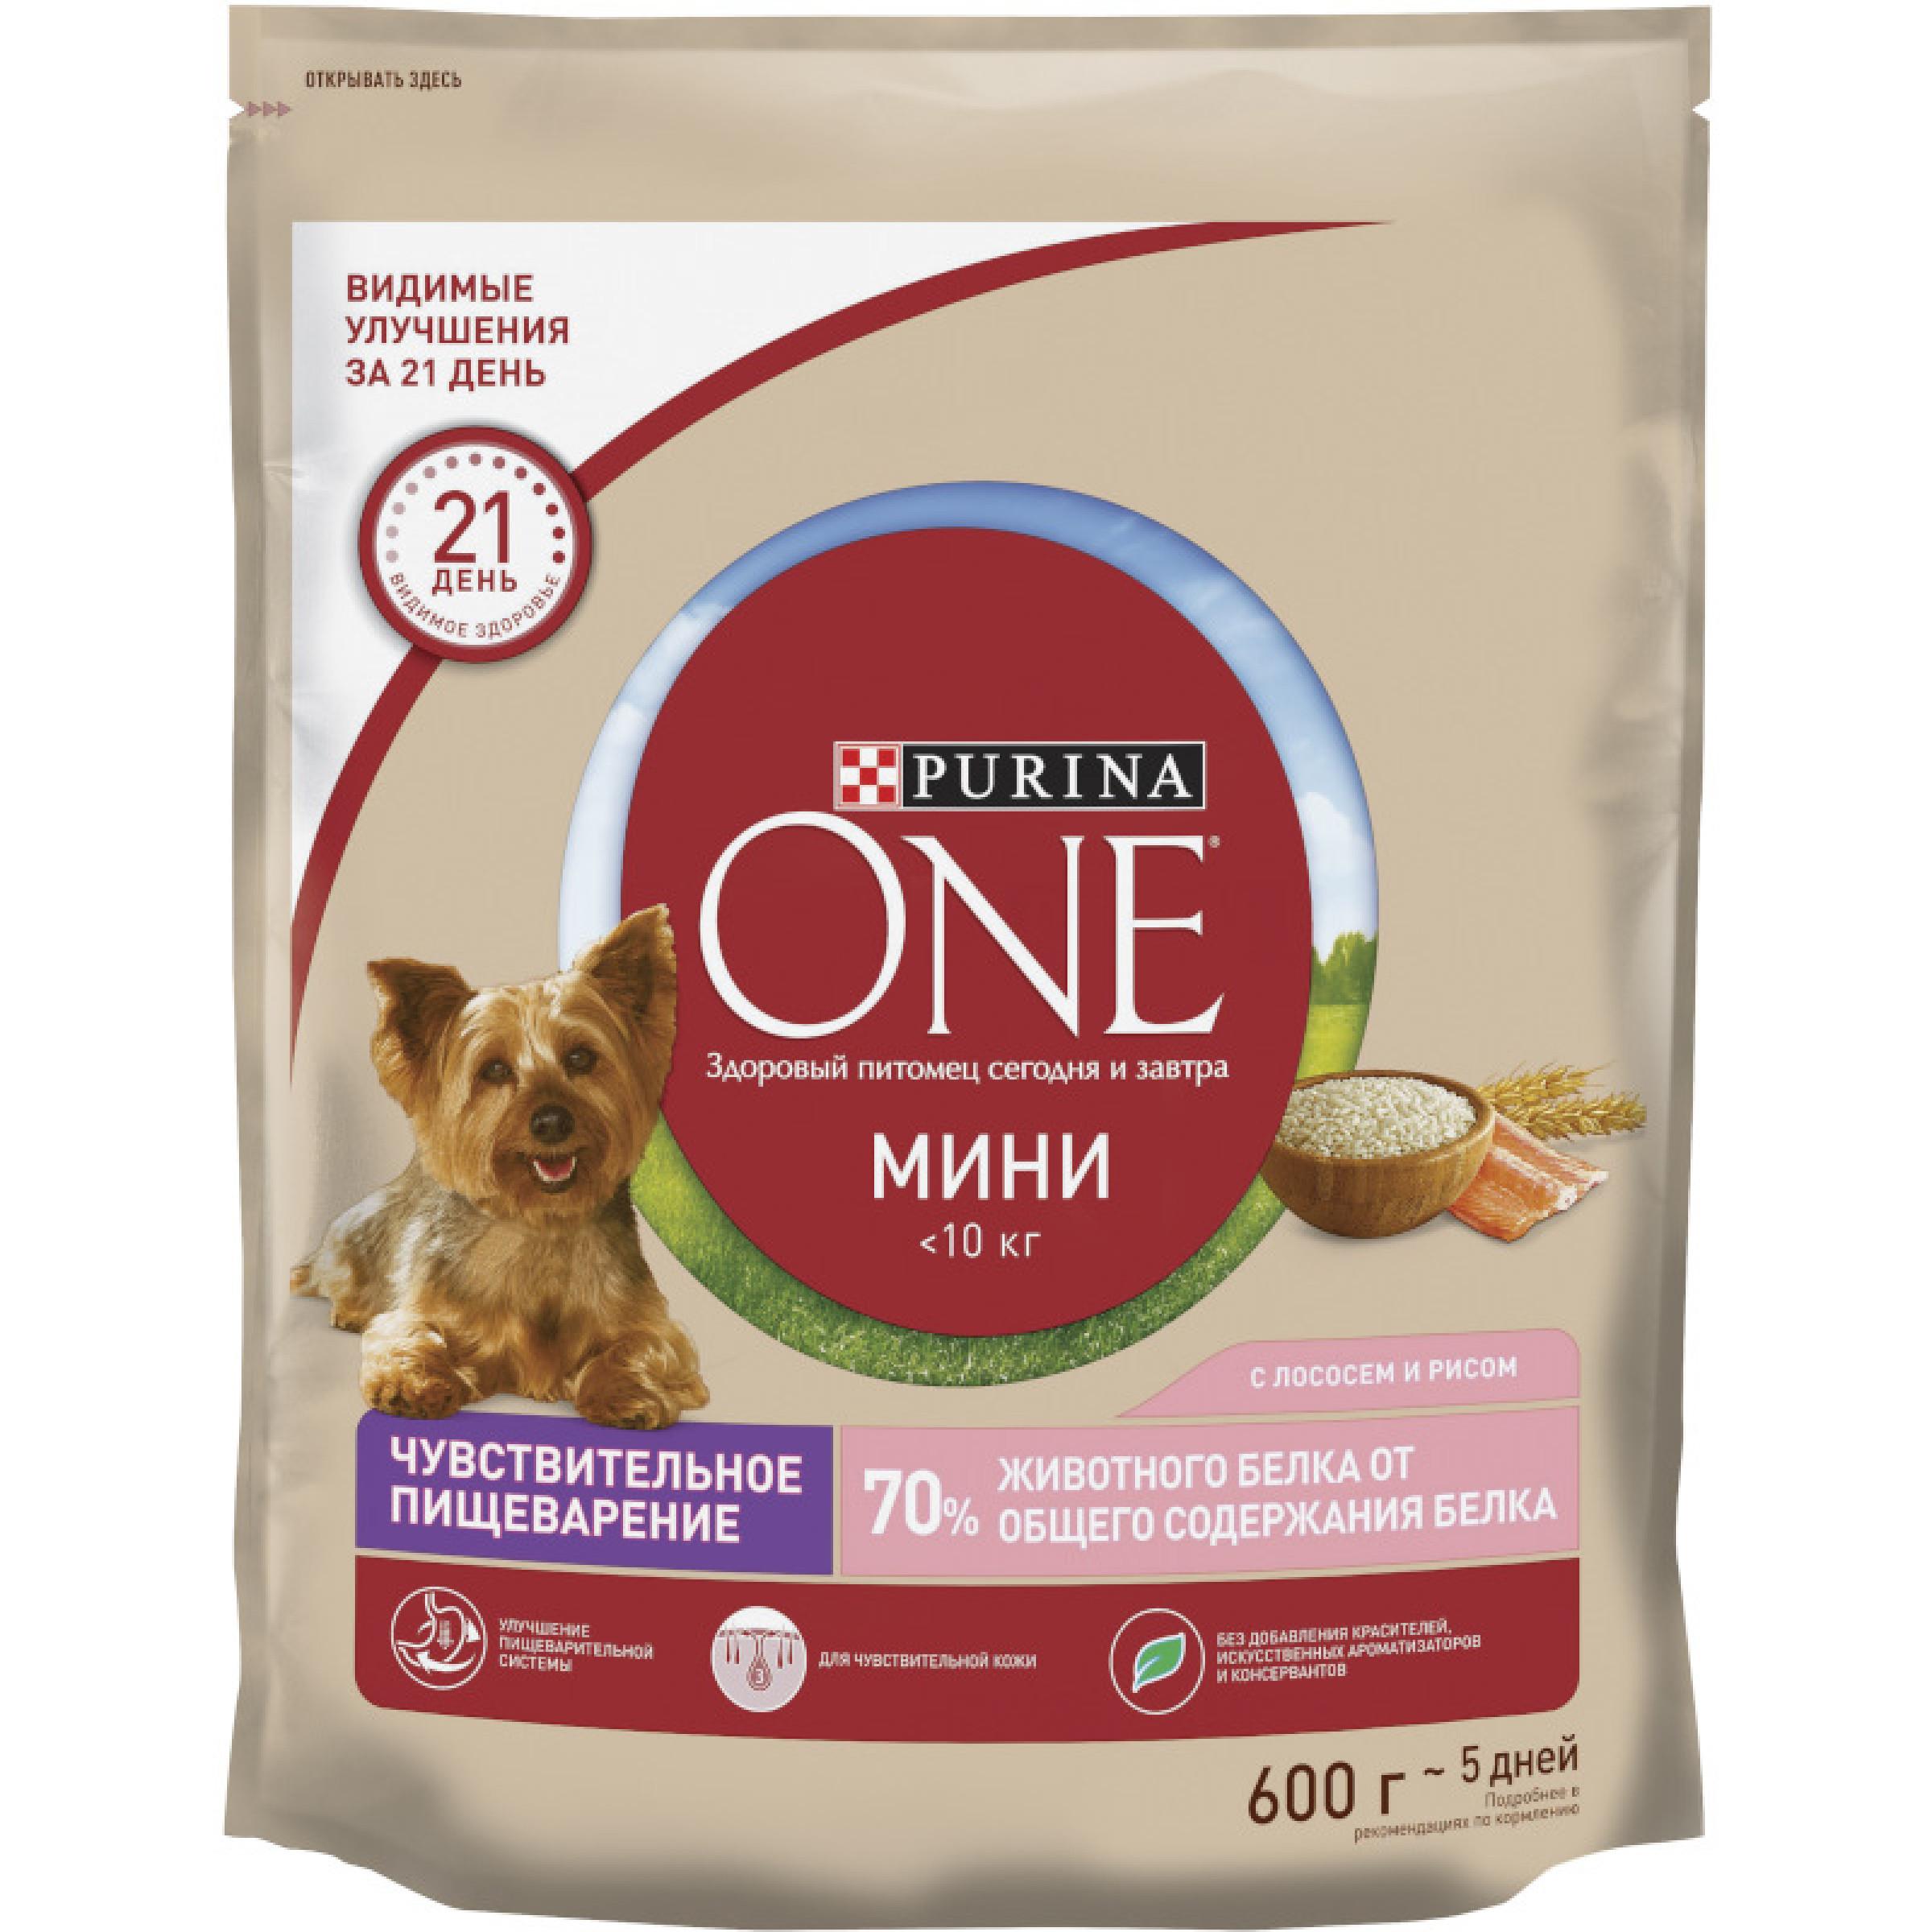 Сухой корм Purina ONE® для собак мелких пород с чувствительным пищеварением, с лососем и рисом, 600 г